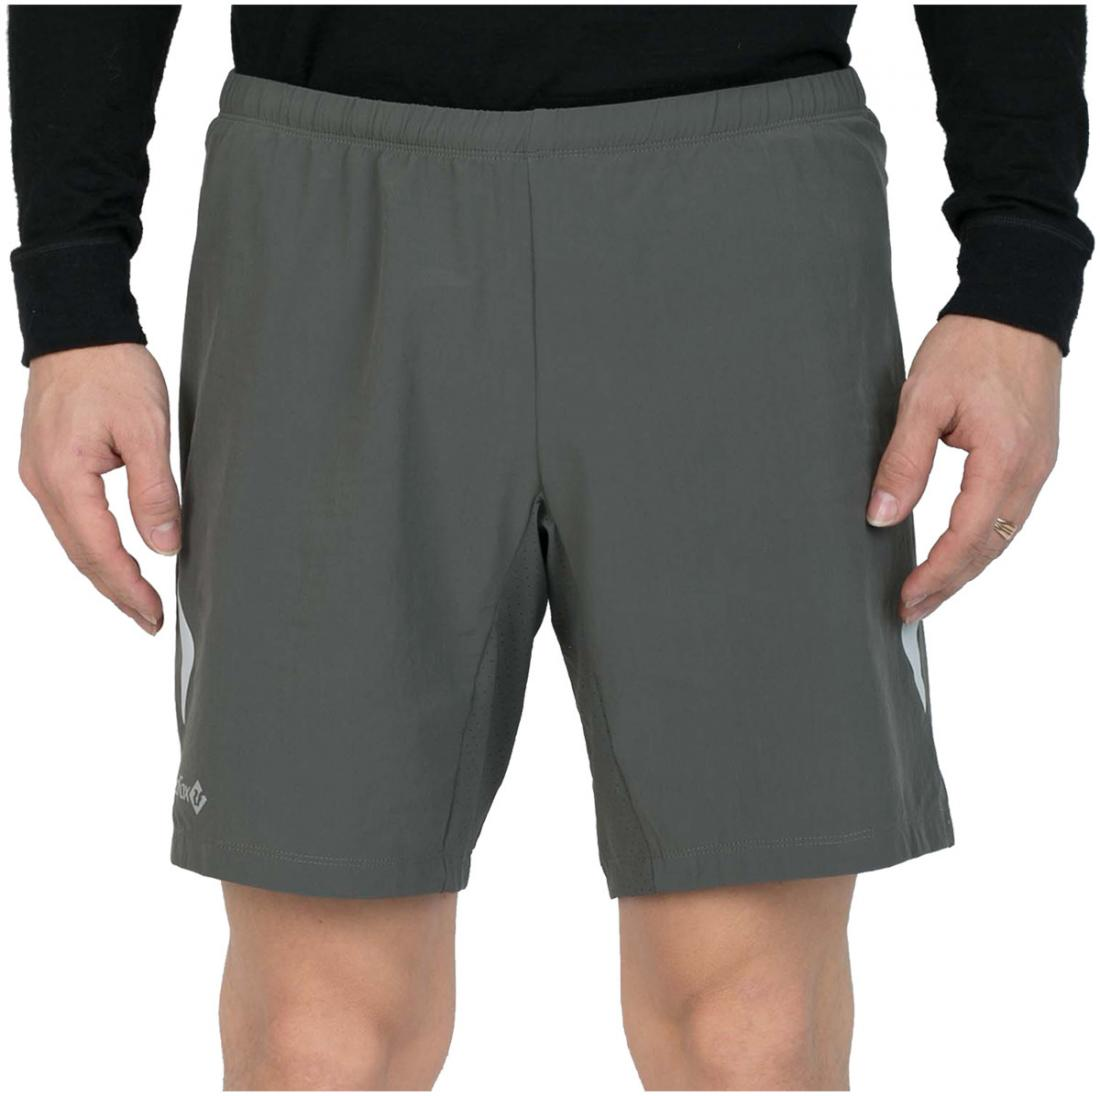 Шорты Race IIШорты, бриджи<br><br> Легкие спортивные шорты свободного кроя. выполнены из эластичного материала с высокими показателями отведения и испарения влаги, что позволяет использовать изделие для занятий активными видами спорта на открытом воздухе.<br><br><br>основное ...<br><br>Цвет: Серый<br>Размер: 56